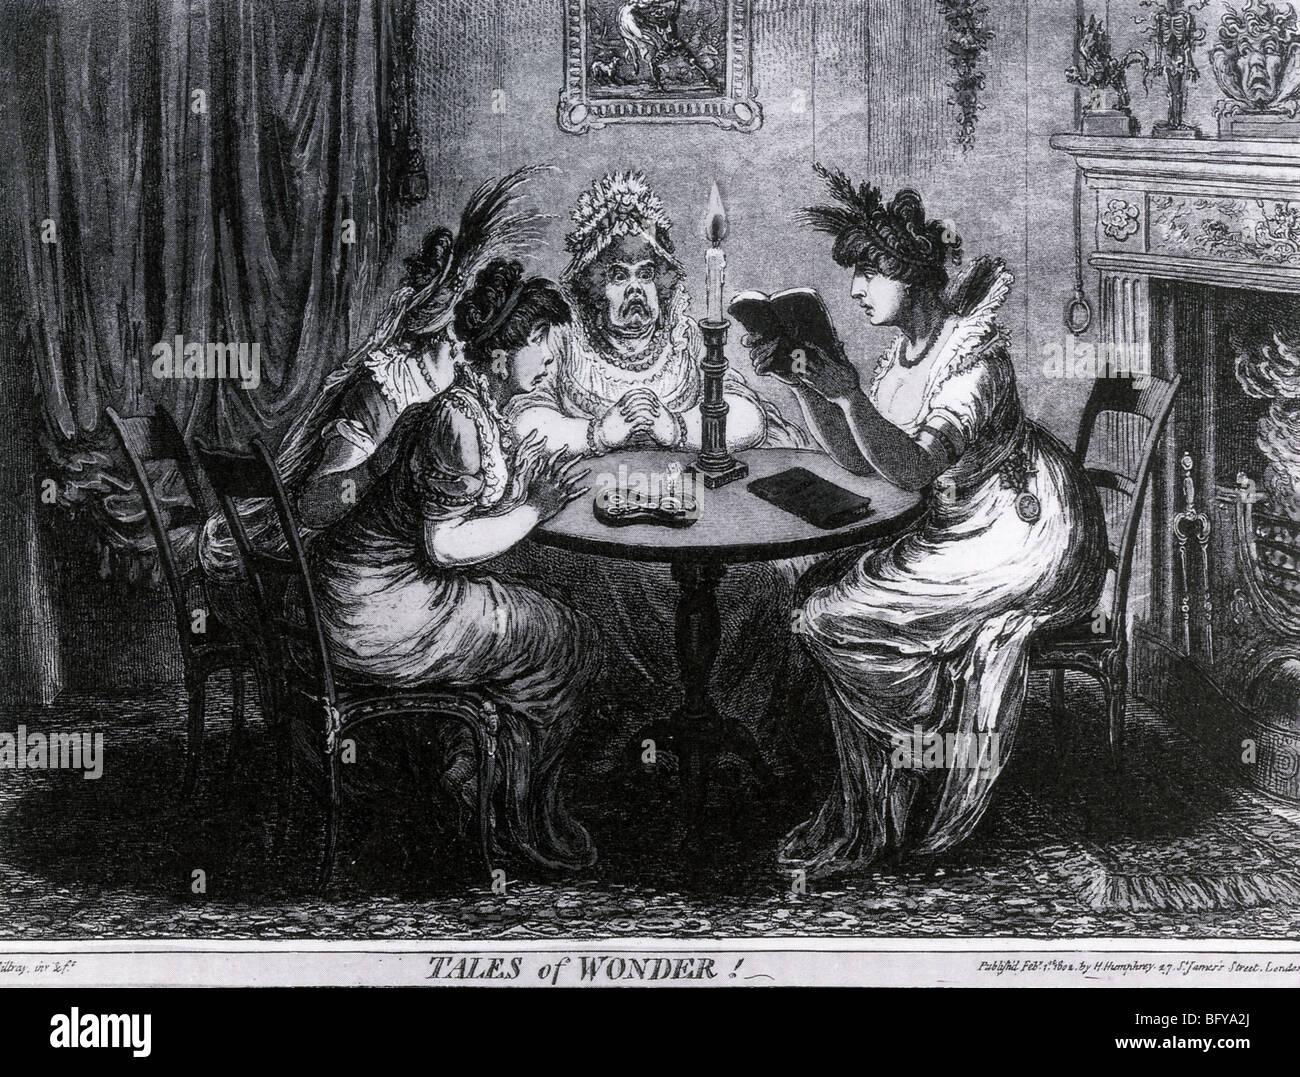 La lettura di un romanzo gotico - cartoon di Gillray intitolato Tales of Wonder. Vedere la descrizione seguente. Immagini Stock